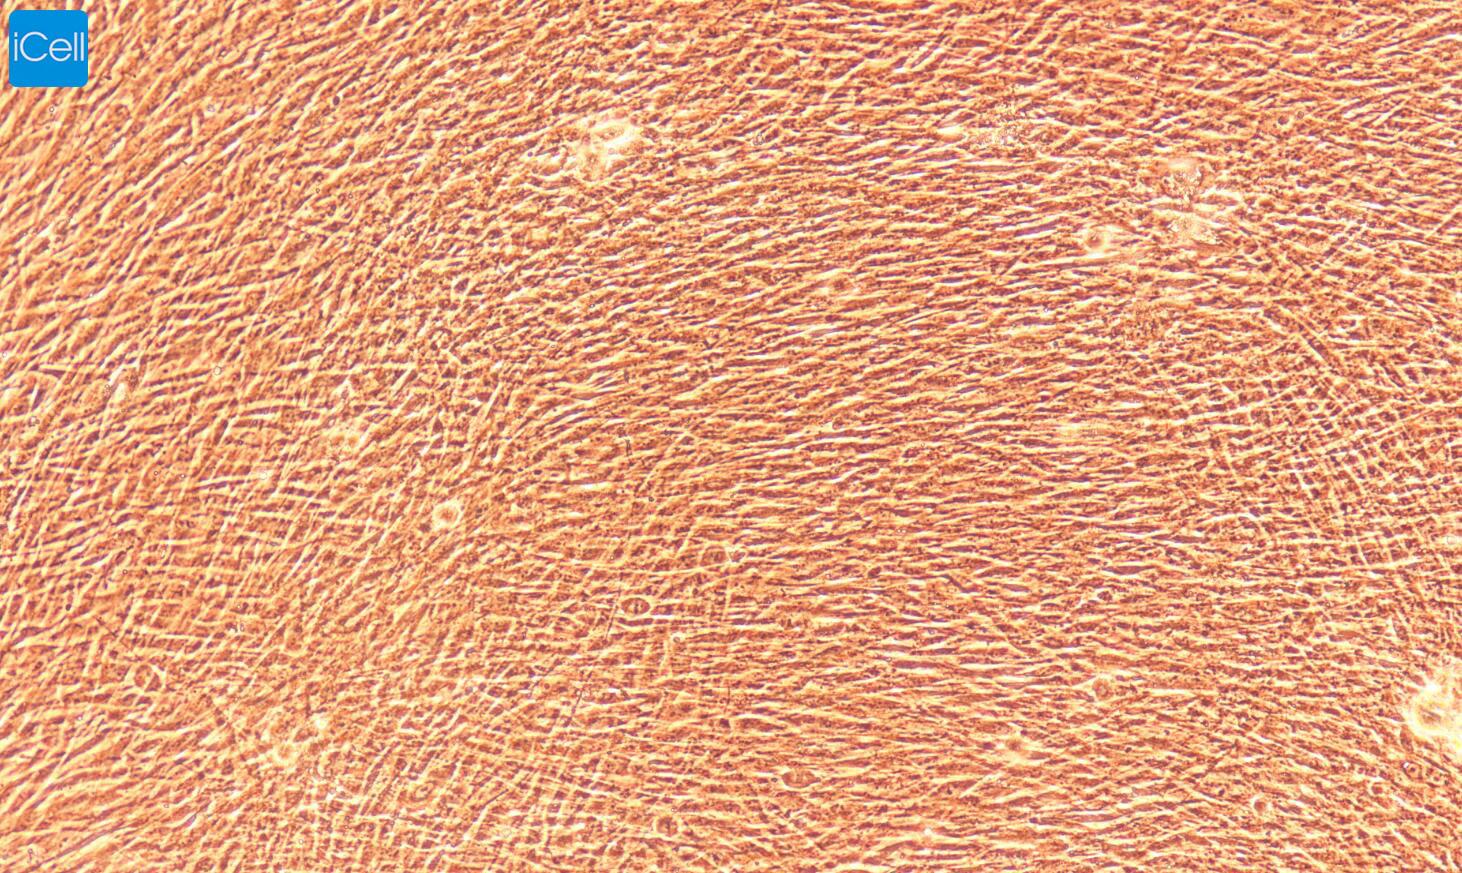 大鼠肾系膜细胞